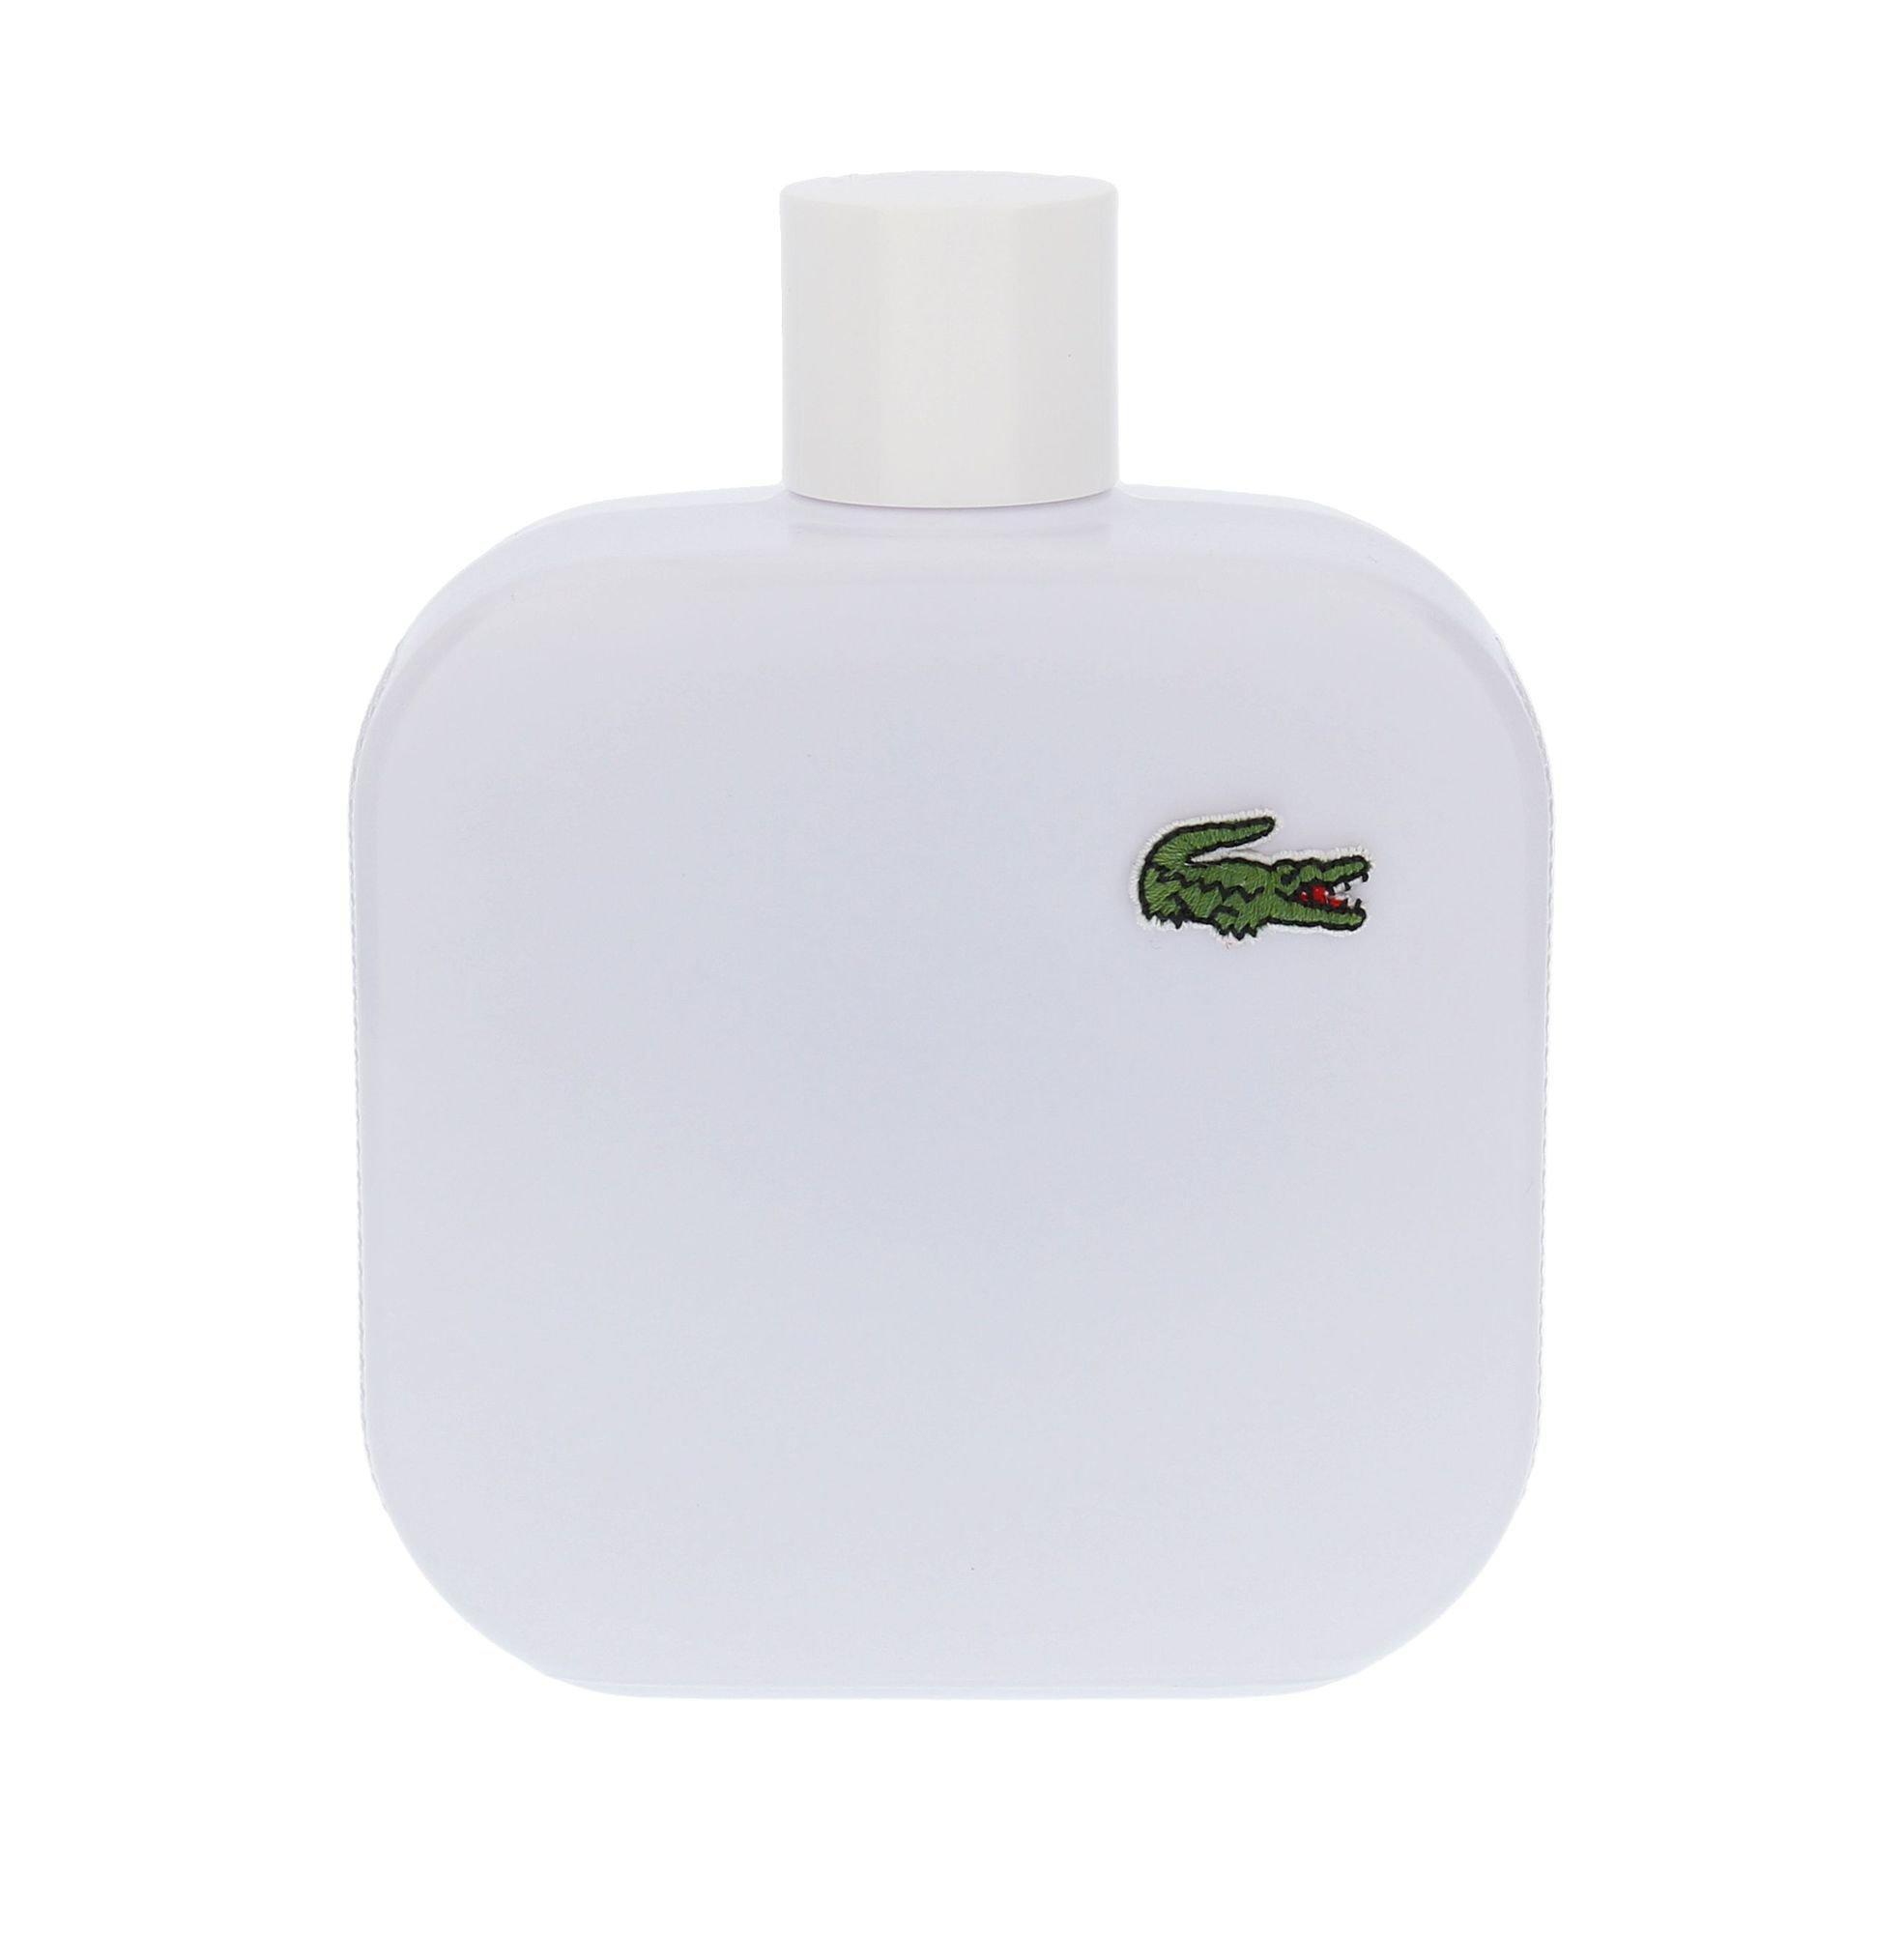 bfe3bc6d58b2a Lacoste Eau De Lacoste L.12.12 Blanc, Toaletní voda 175ml ...